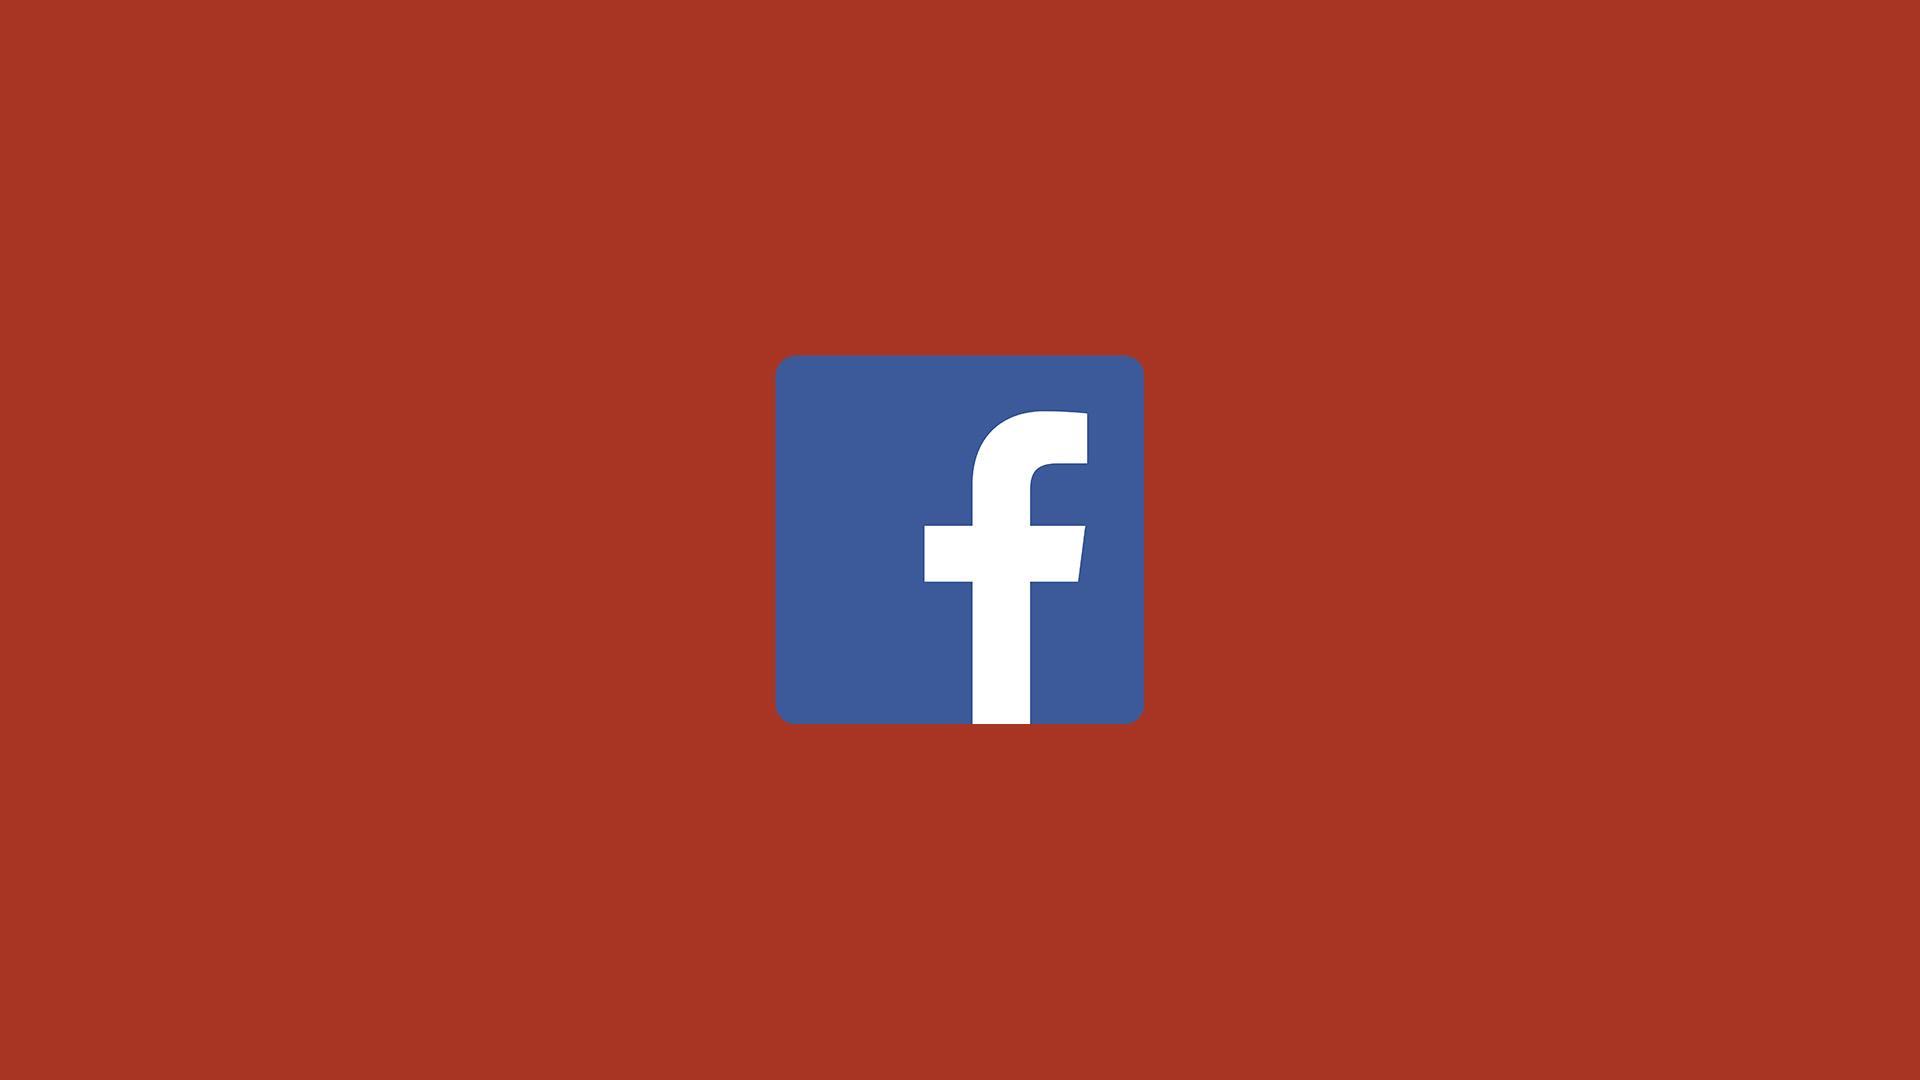 Facebook-Slide-1